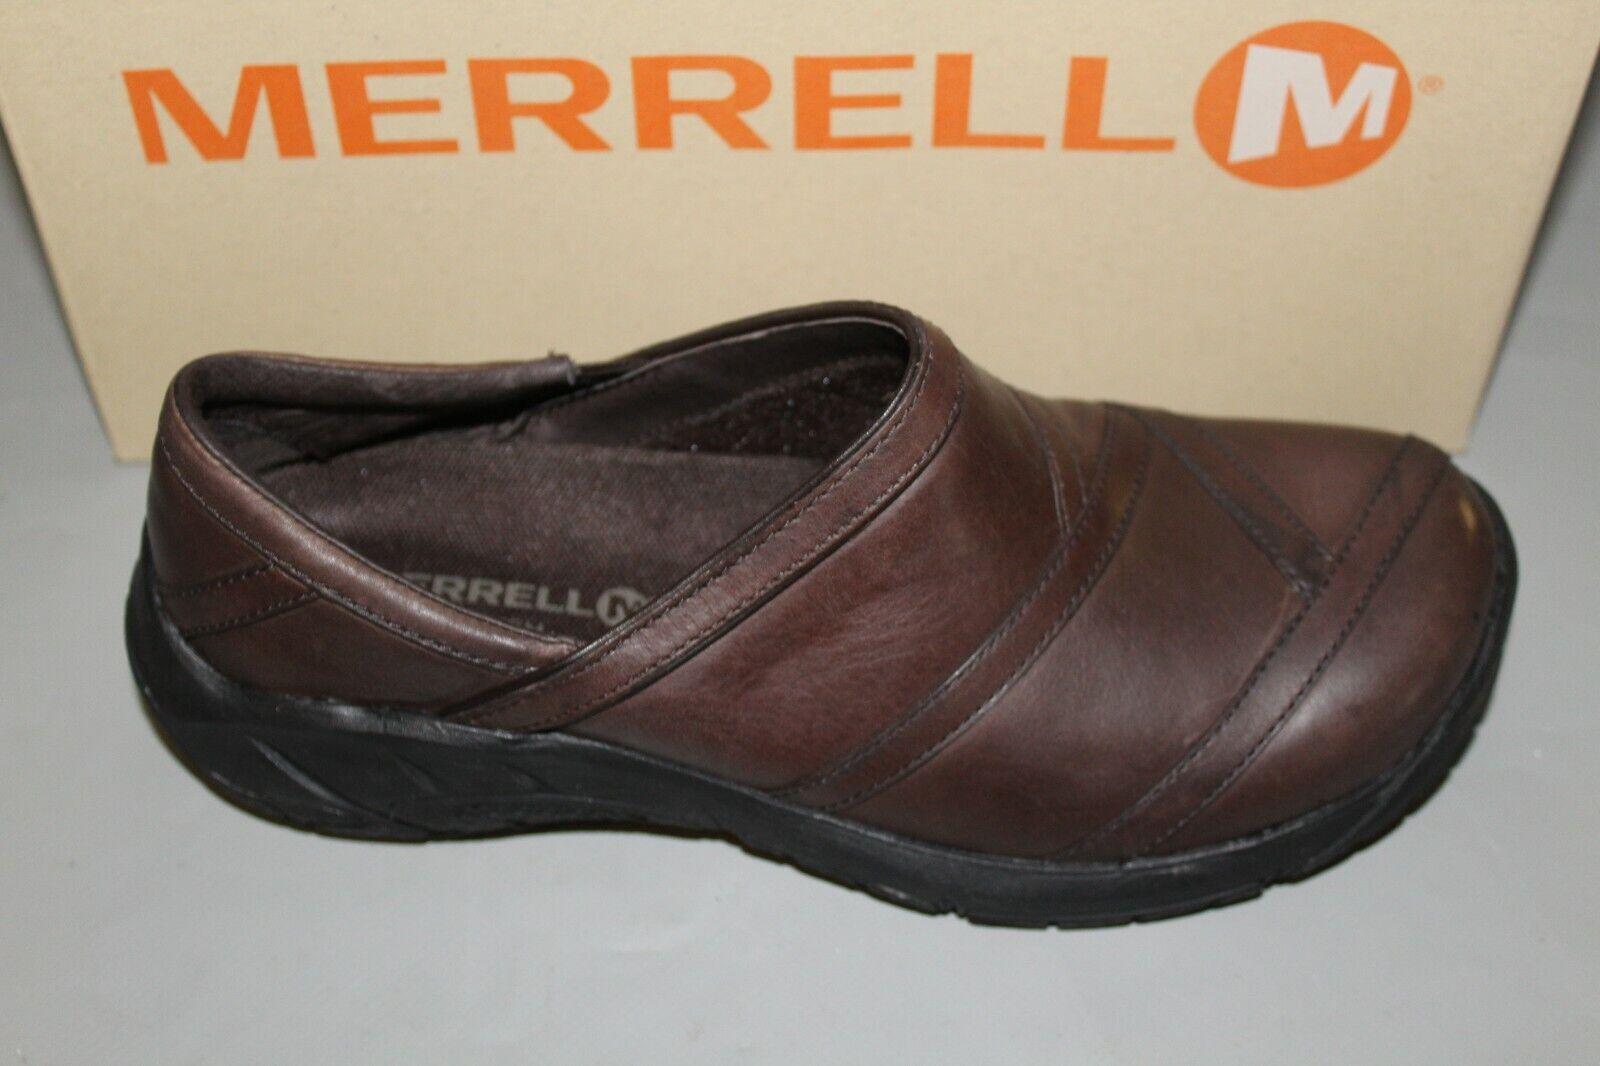 NEW Wouomo Merrell Encore Eclipse Dimensione 7 Medium Marronee Casual Comfortable scarpe